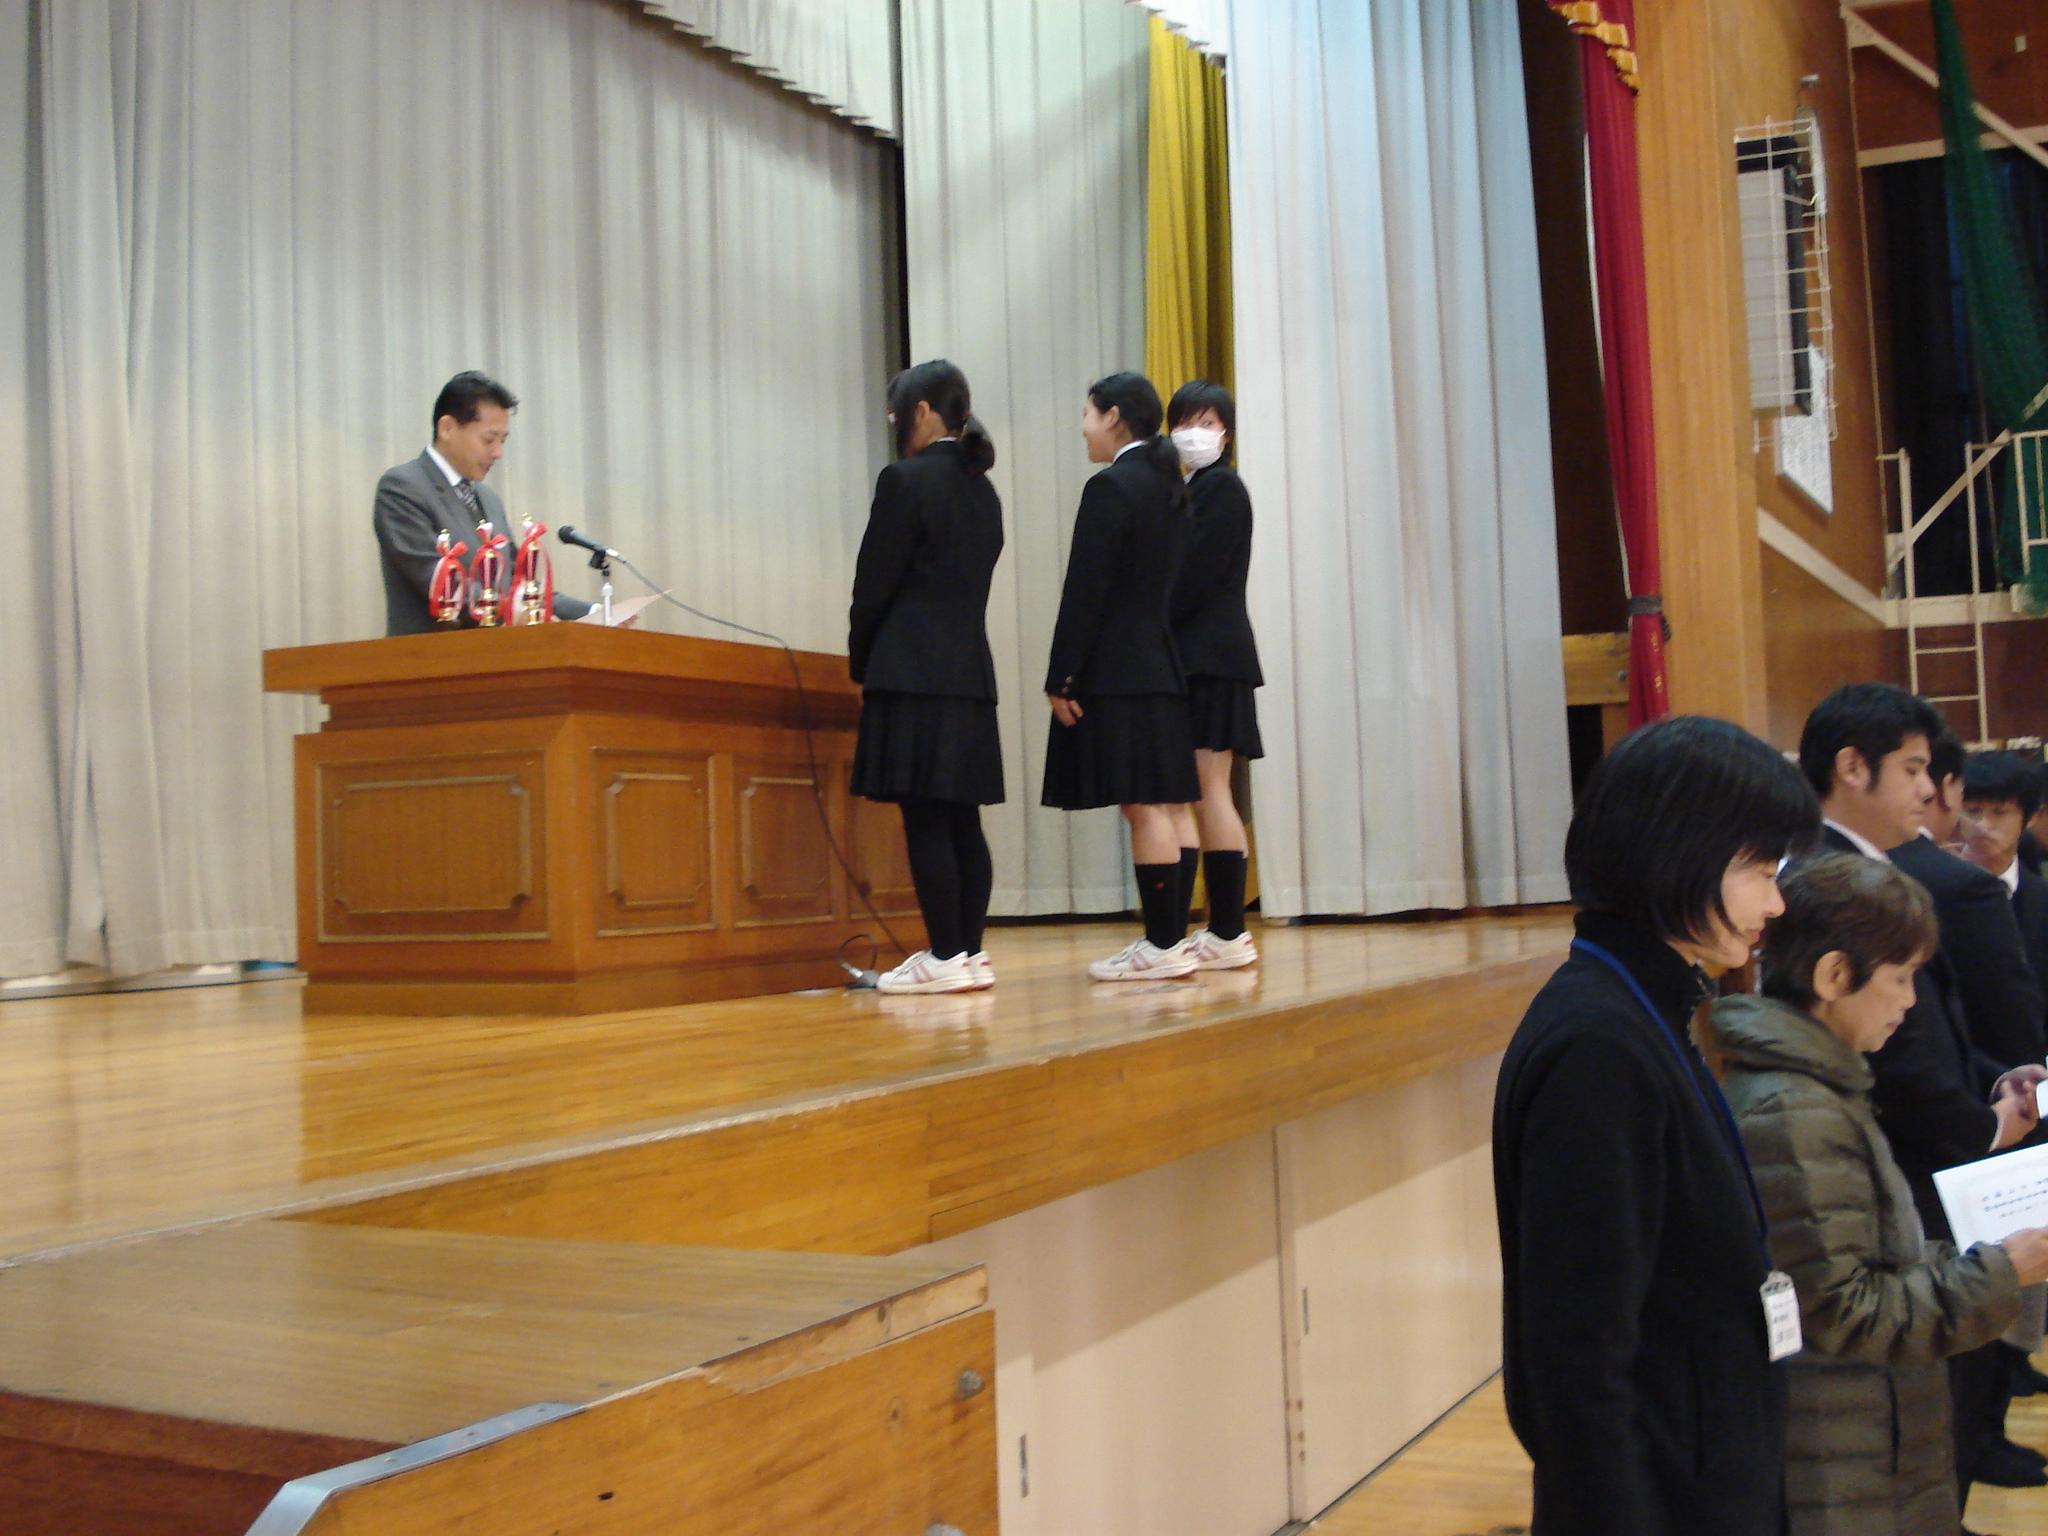 中芸高等学校